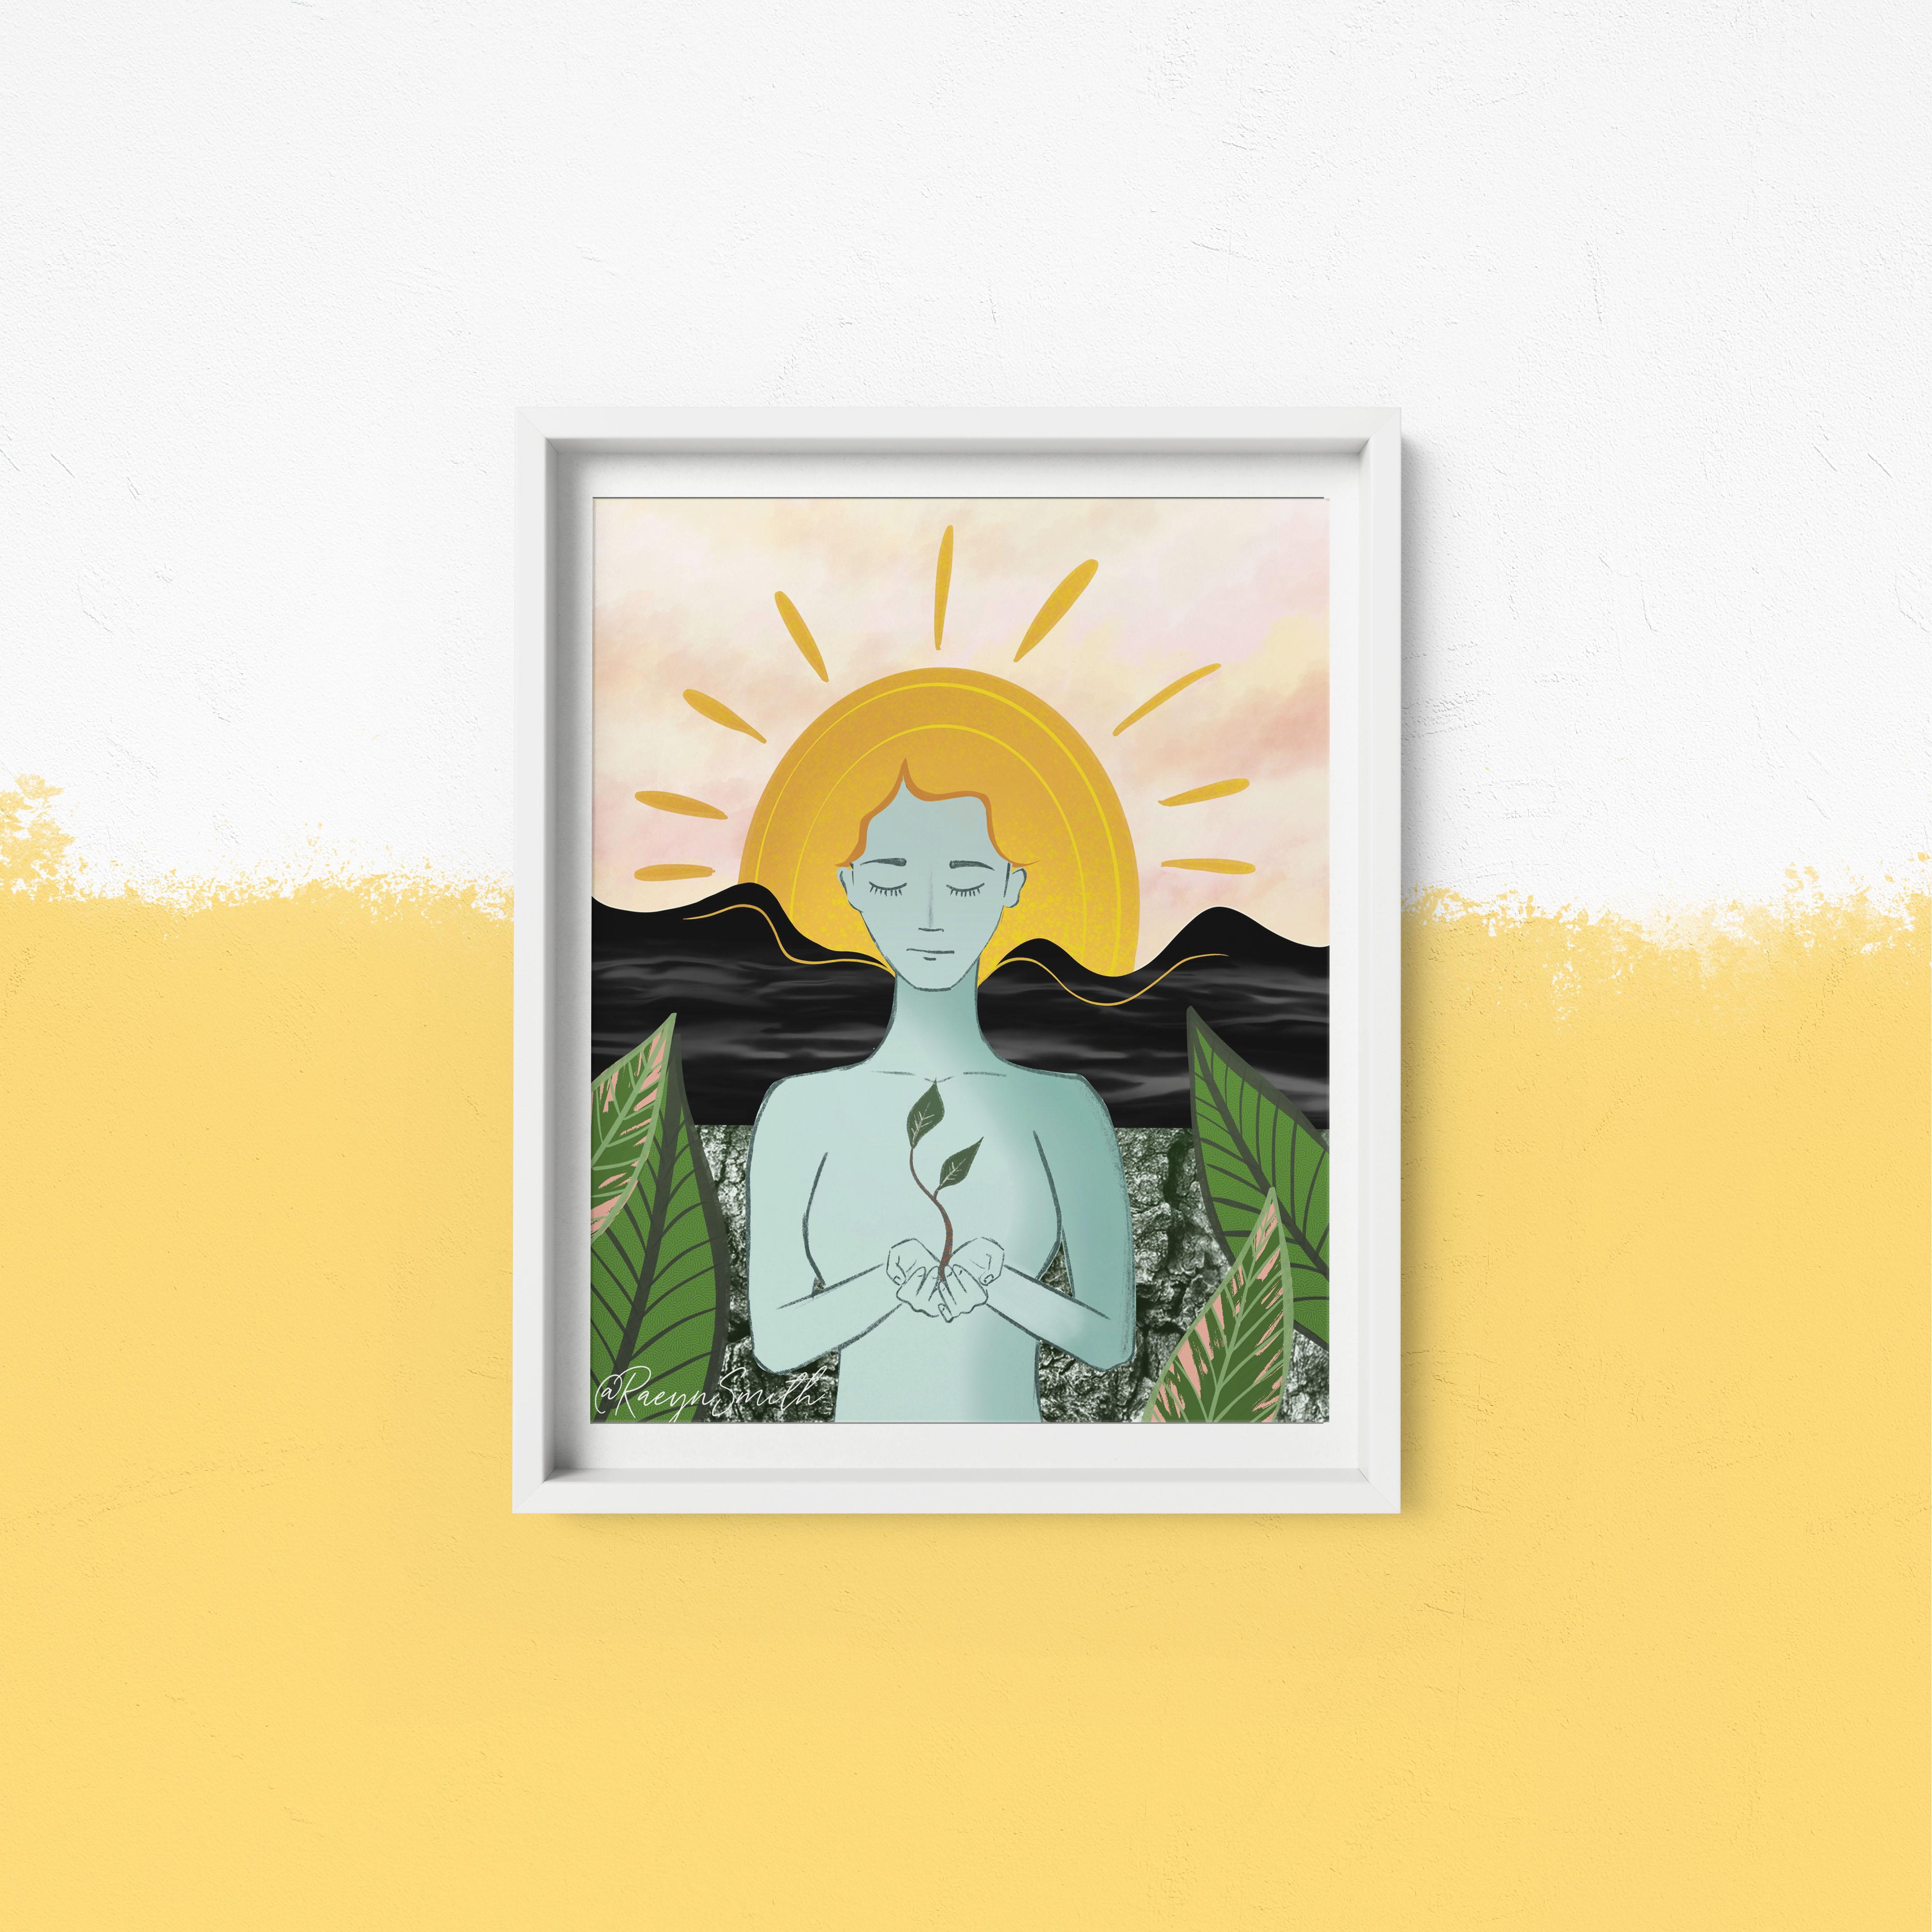 Sun + Earth Mediation by Raeyn Smith